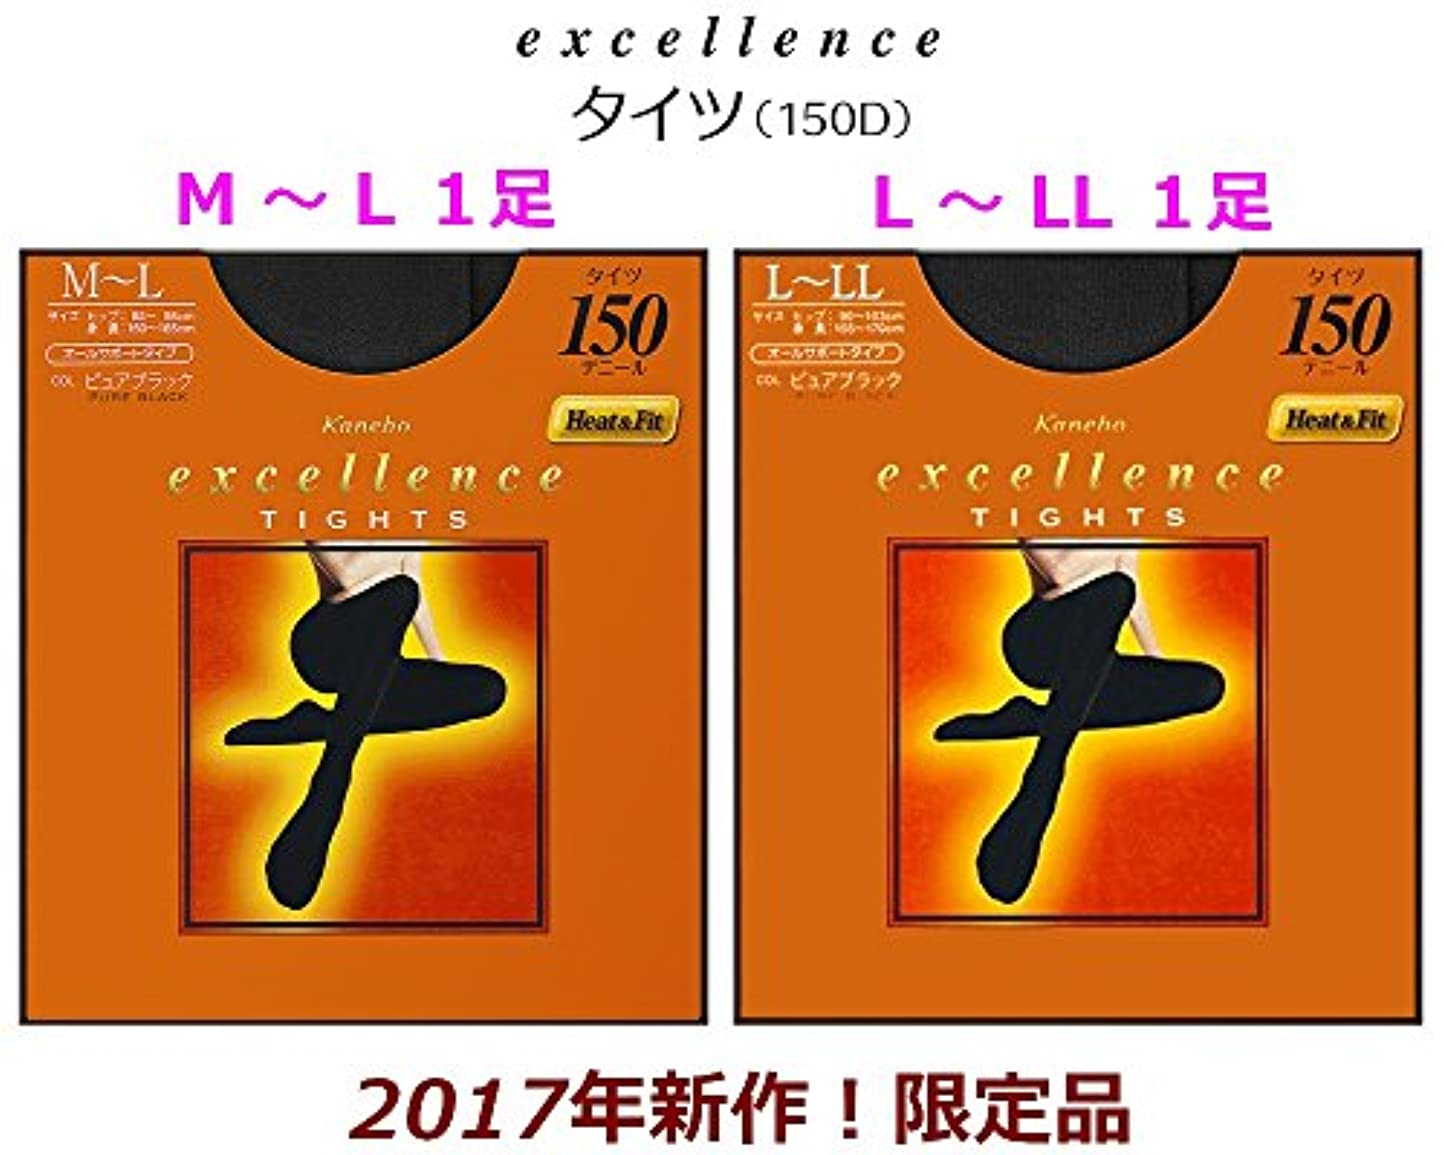 電話する職人保持するカネボウ エクセレンス 150デニールタイツ 2足組 日本製/ 限定品 【kanebo excellence TIGHTS 150D 】 (M-L 1足 + L-LL 1足)